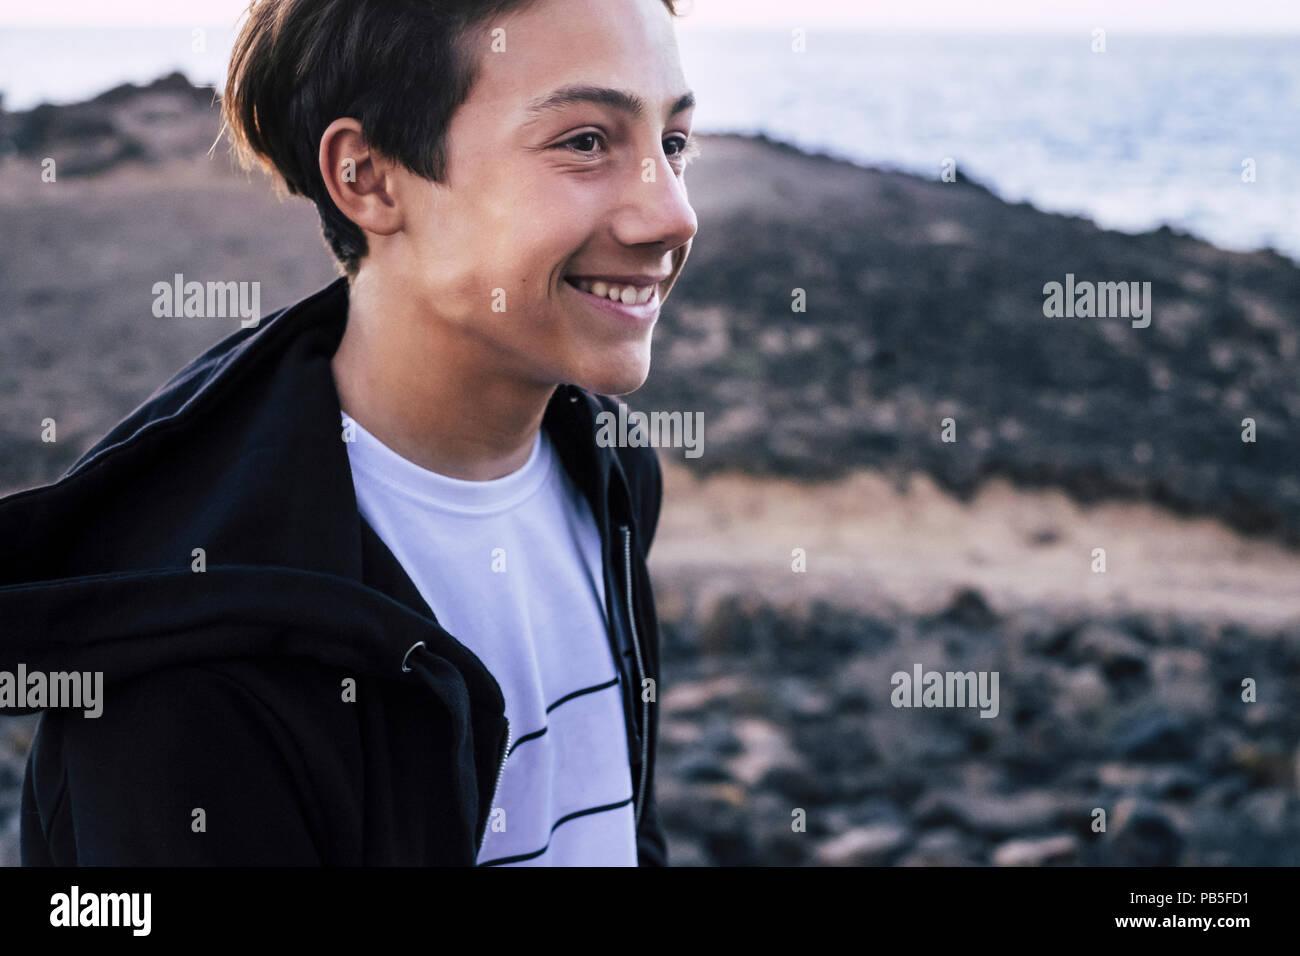 Hermosa y rubia adolescente de 14 años de edad con sunflare y el atardecer en el fondo en Tenerife Islas Canarias. joven modelo disfruta de la libertad y de la TH Imagen De Stock